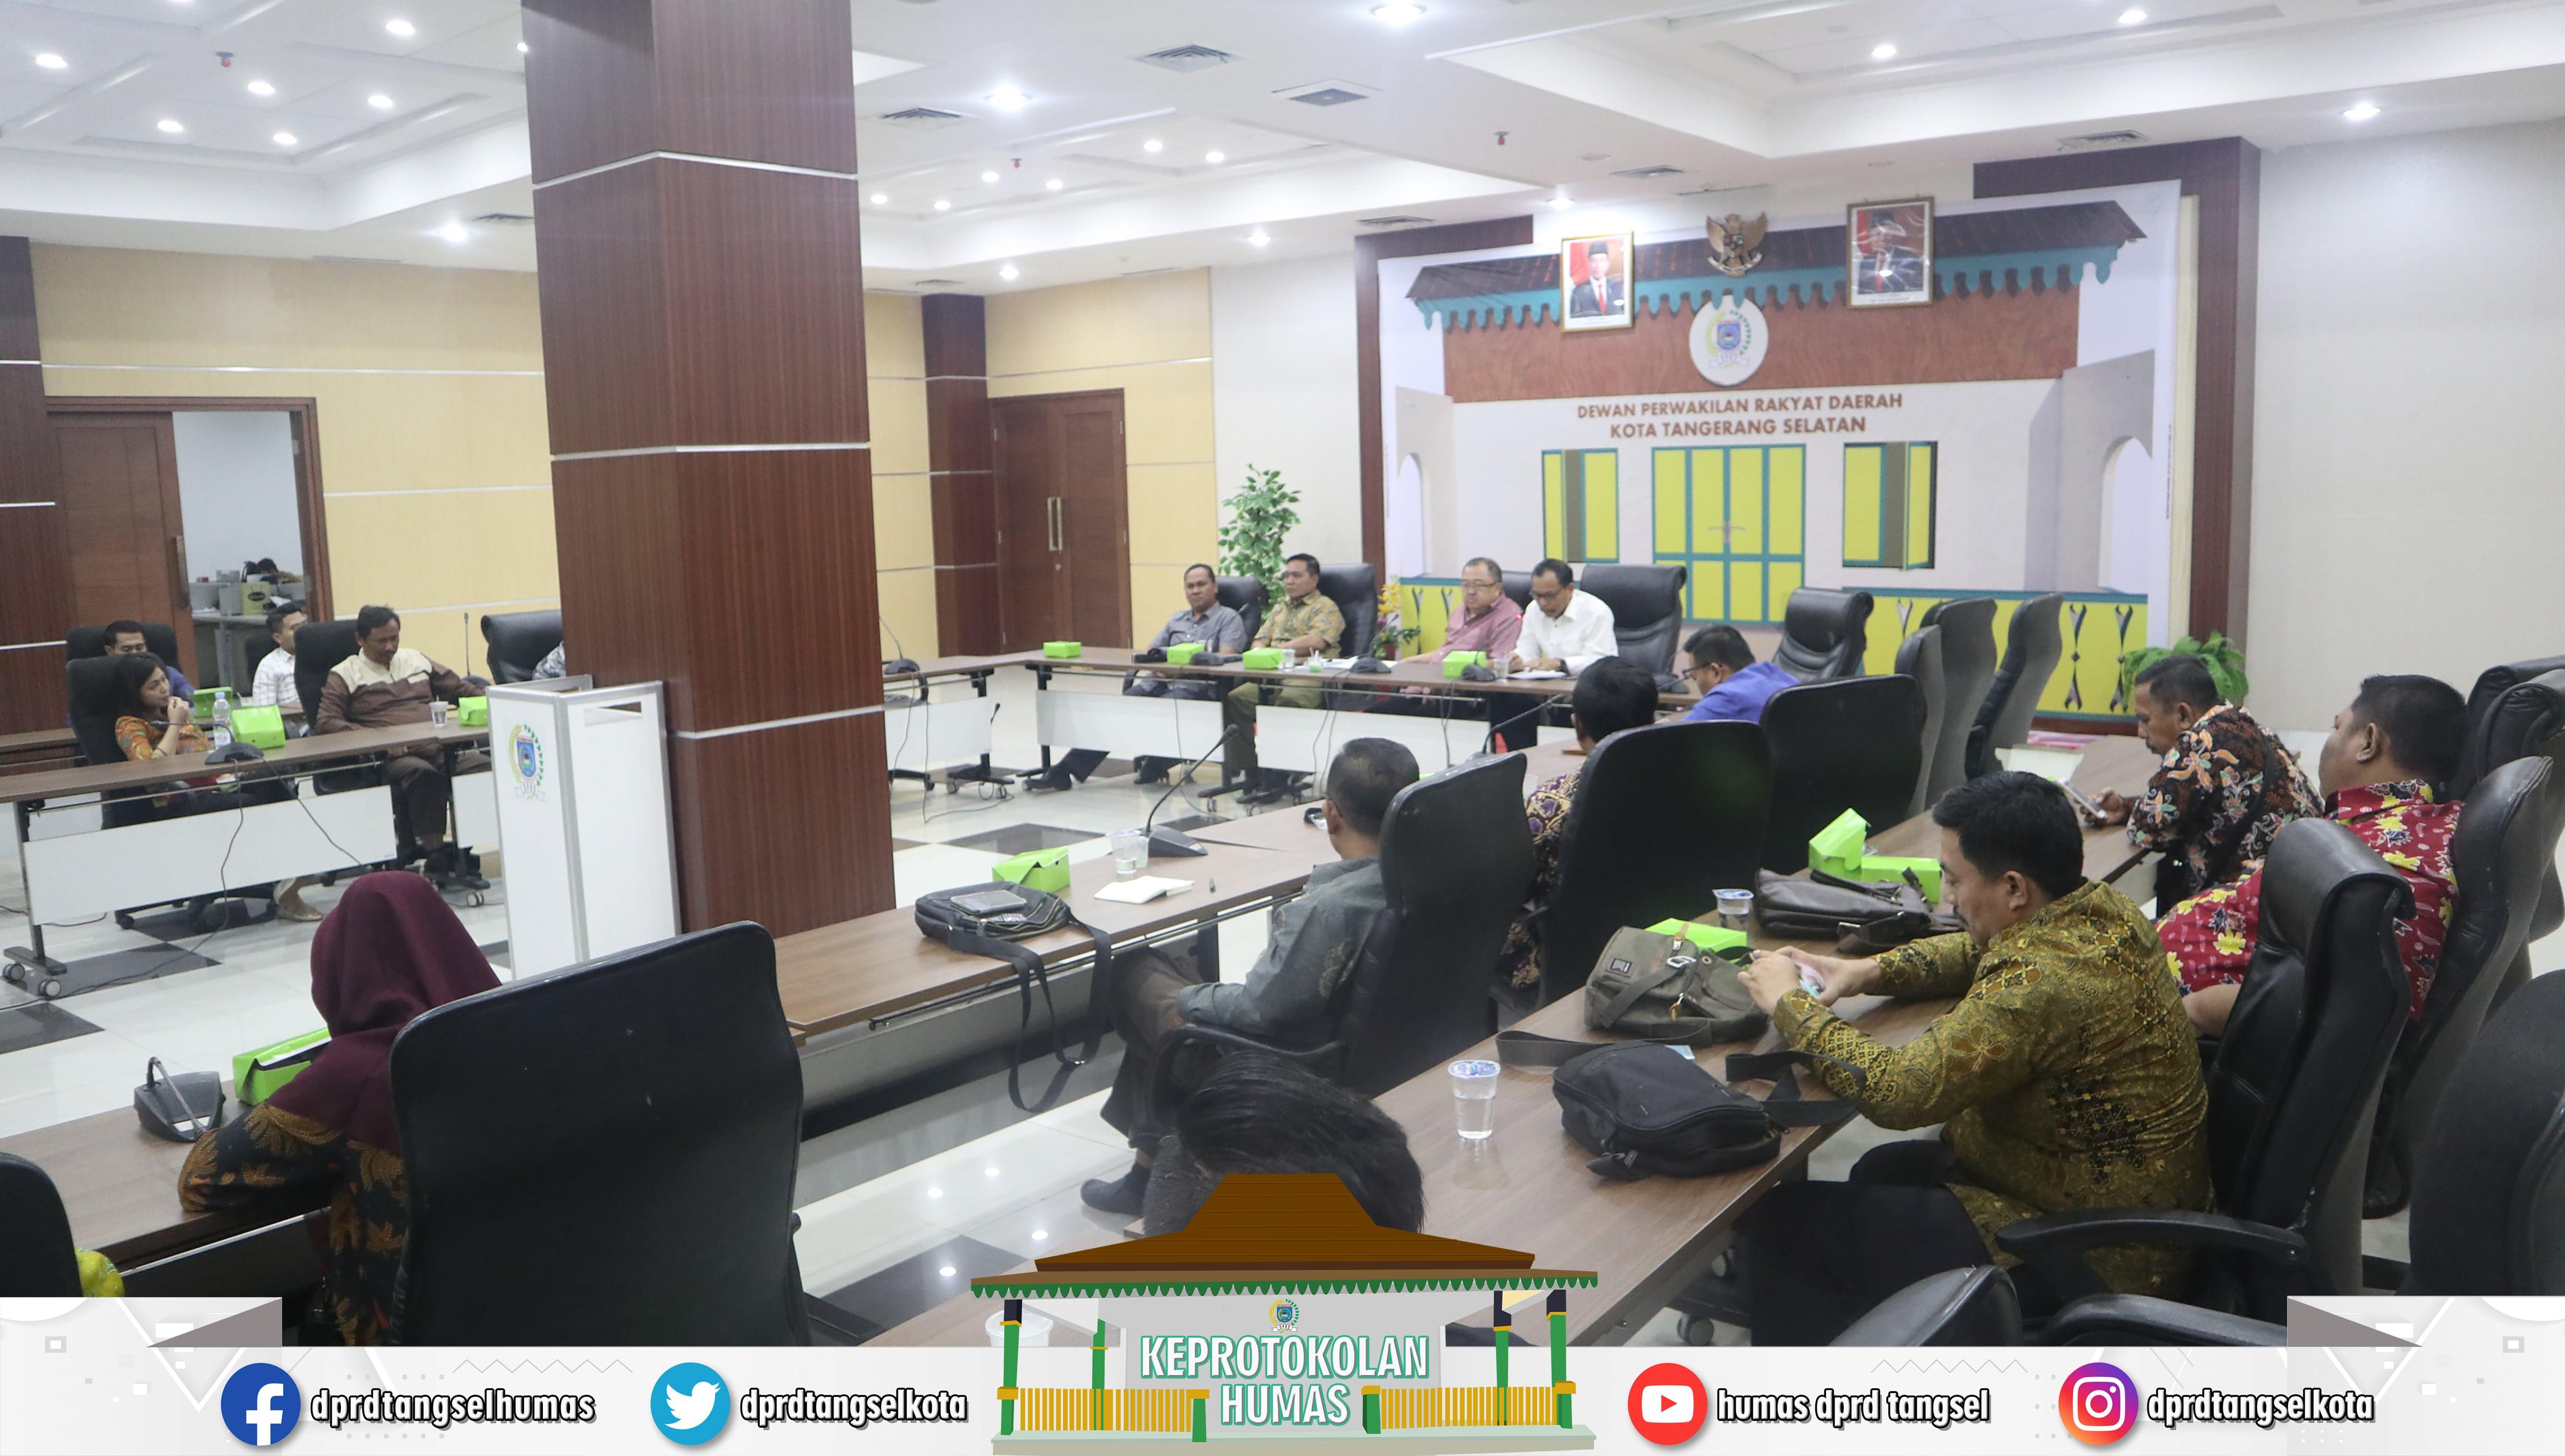 Rizki Jonis Menerima Kunjungan Kerja 3 DPRD daerah Kab/Kota